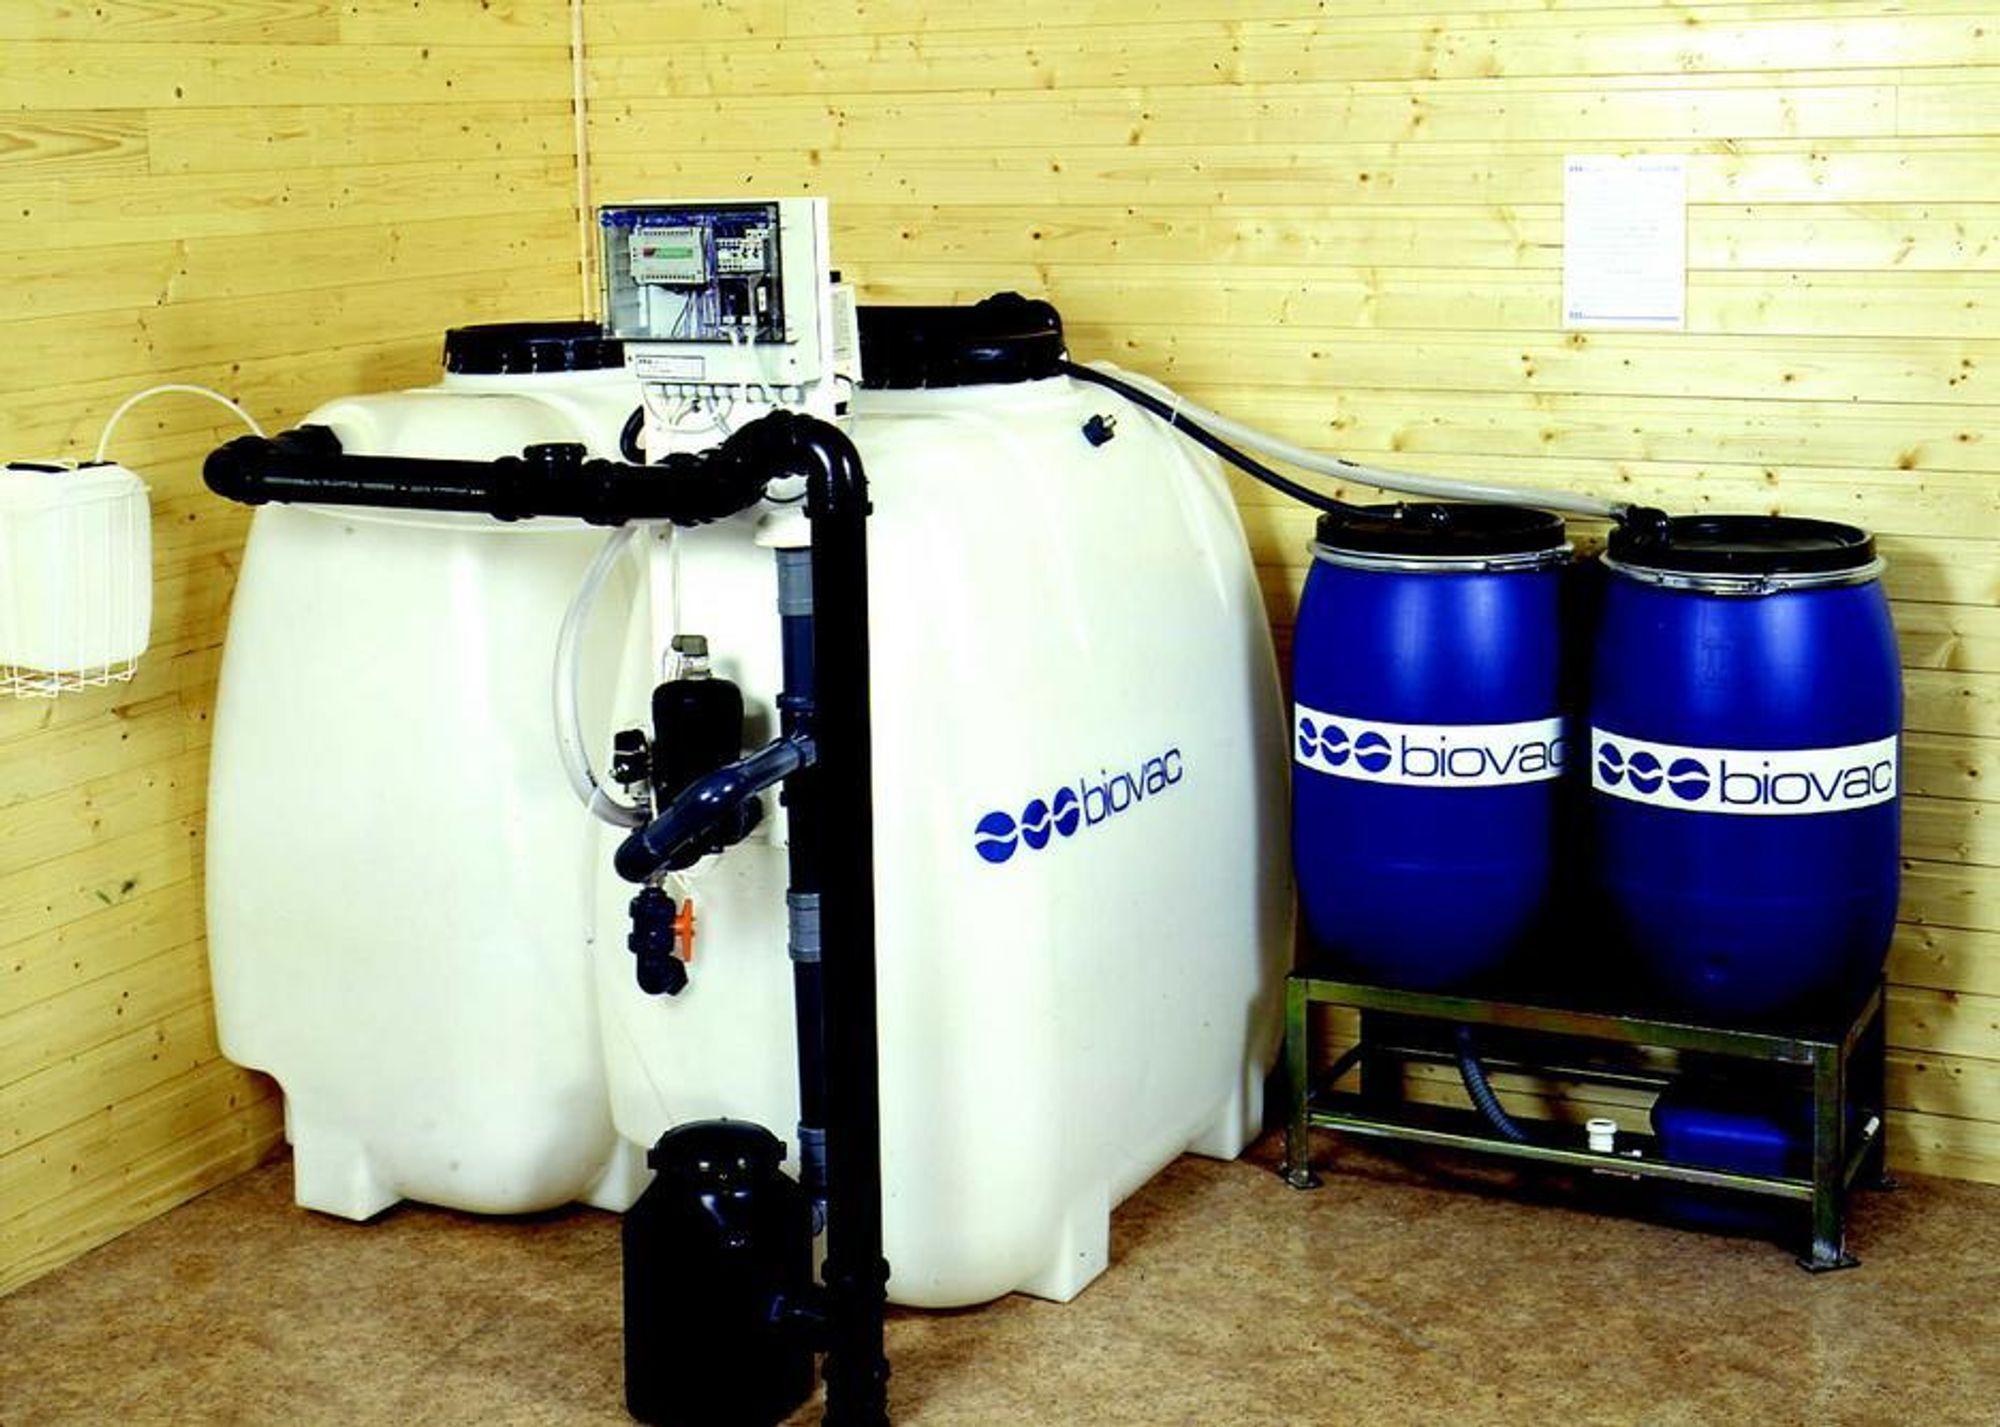 GODKJENT: Det er bare Biovac FD5 som er godkjent i strengeste klasse for rensing av avløpsvann fra fritidsbolig.